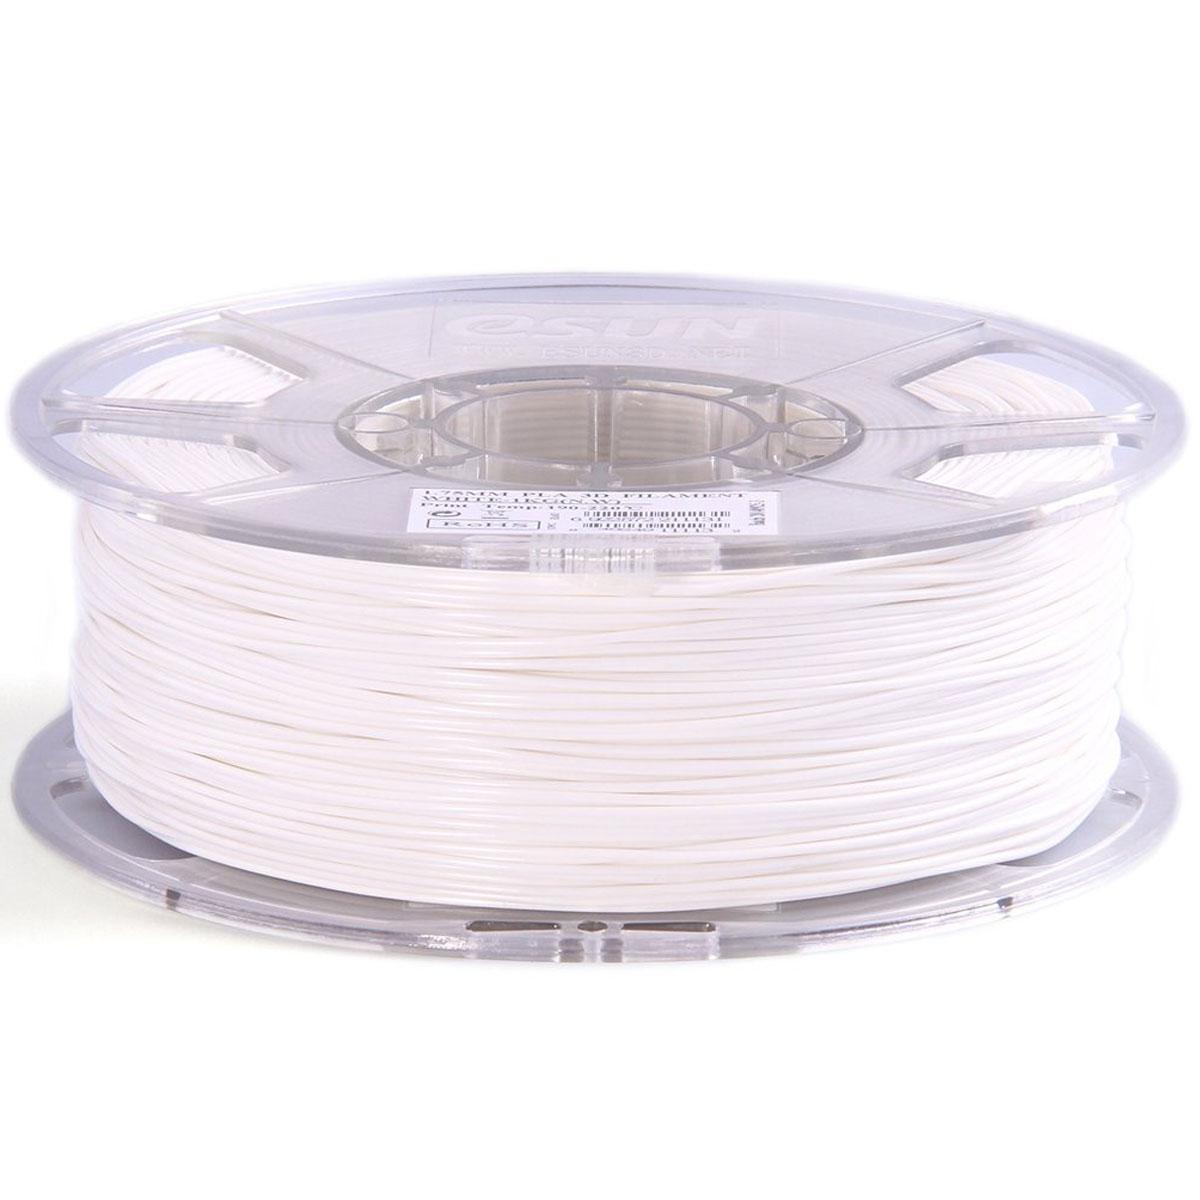 ESUN пластик PLA в катушке, White, 1,75 ммPLA175W1Пластик PLA от ESUN долговечный и очень прочный полимер, ударопрочный, эластичный и стойкий к моющим средствам и щелочам. Один из лучших материалов для печати на 3D принтере. Пластик не имеет запаха и не является токсичным. Температура плавления 190-220°C. PLA пластик для 3D-принтера применяется в деталях автомобилей, канцелярских изделиях, корпусах бытовой техники, мебели, сантехники, а также в производстве игрушек, сувениров, спортивного инвентаря, деталей оружия, медицинского оборудования и прочего. Диаметр нити: 1.75 мм